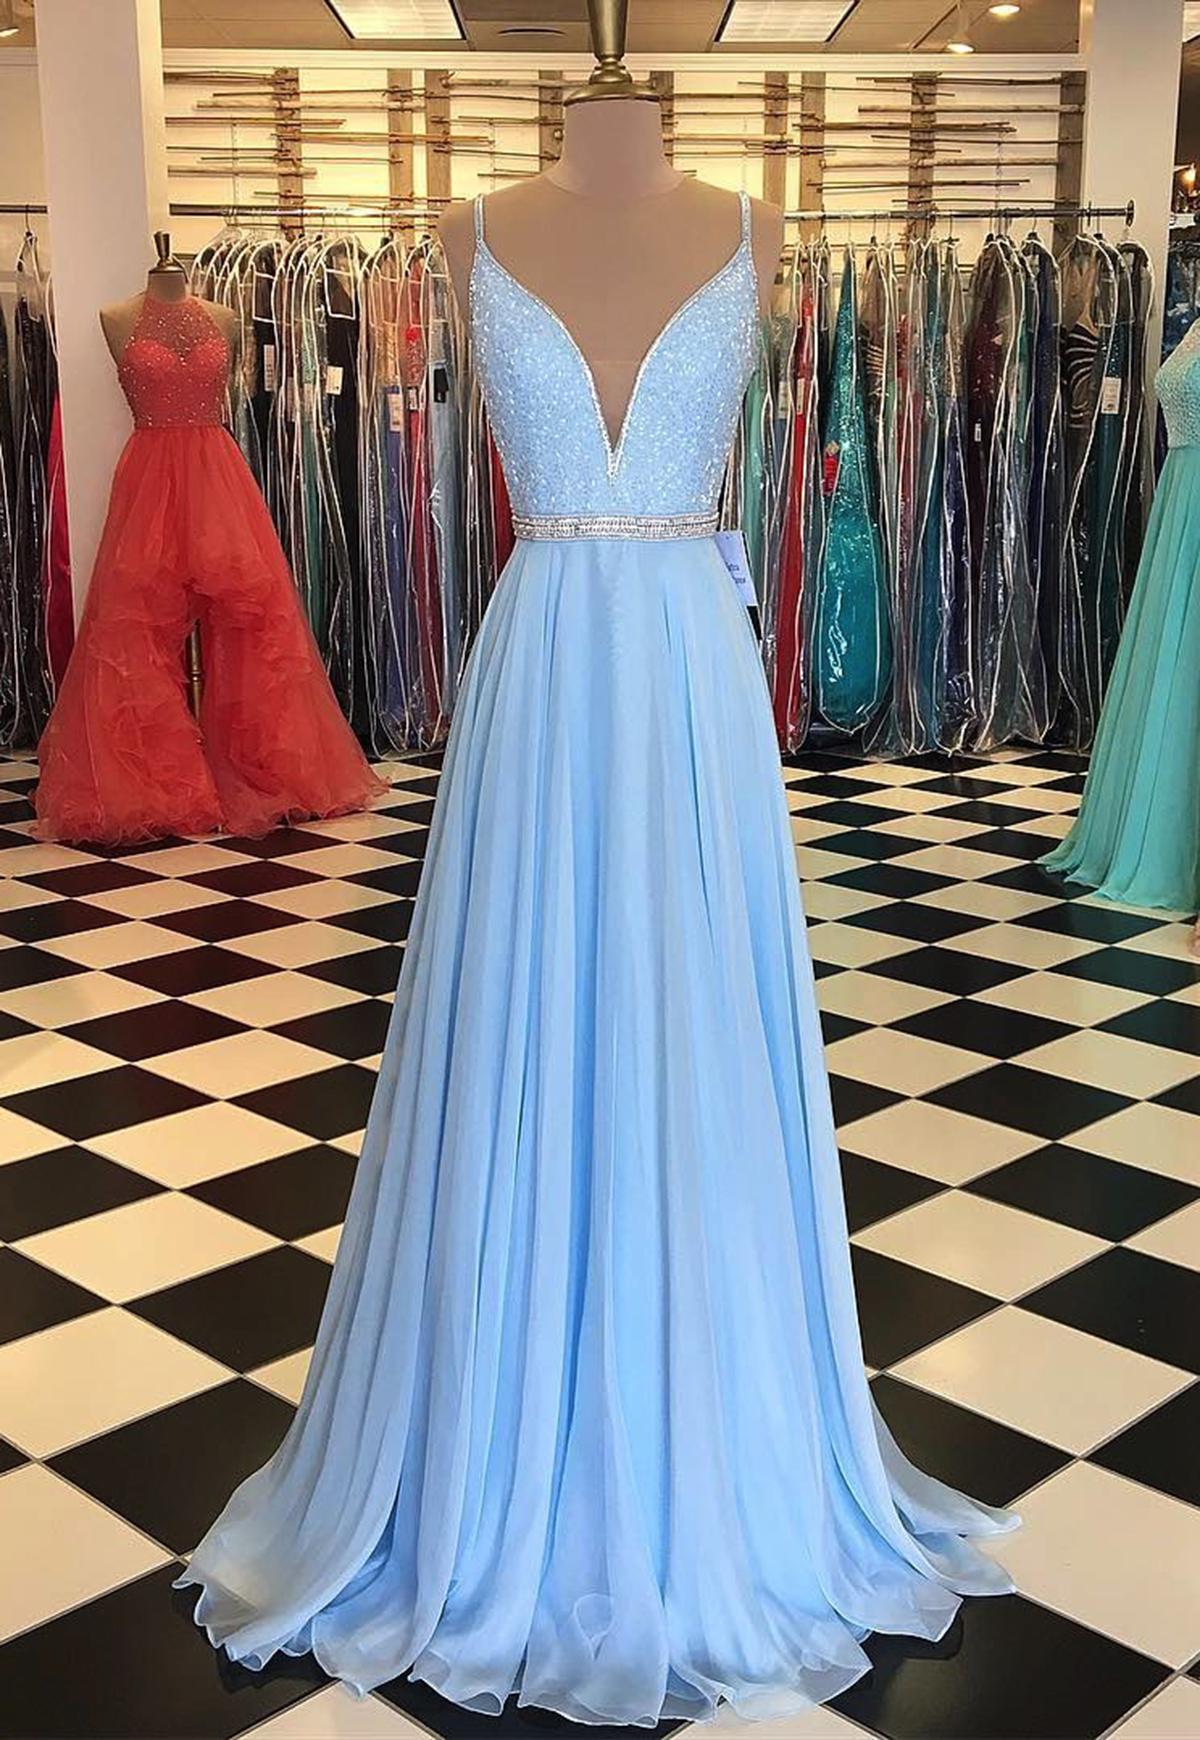 Nett Baby Prom Dresses Galerie - Hochzeit Kleid Stile Ideen ...